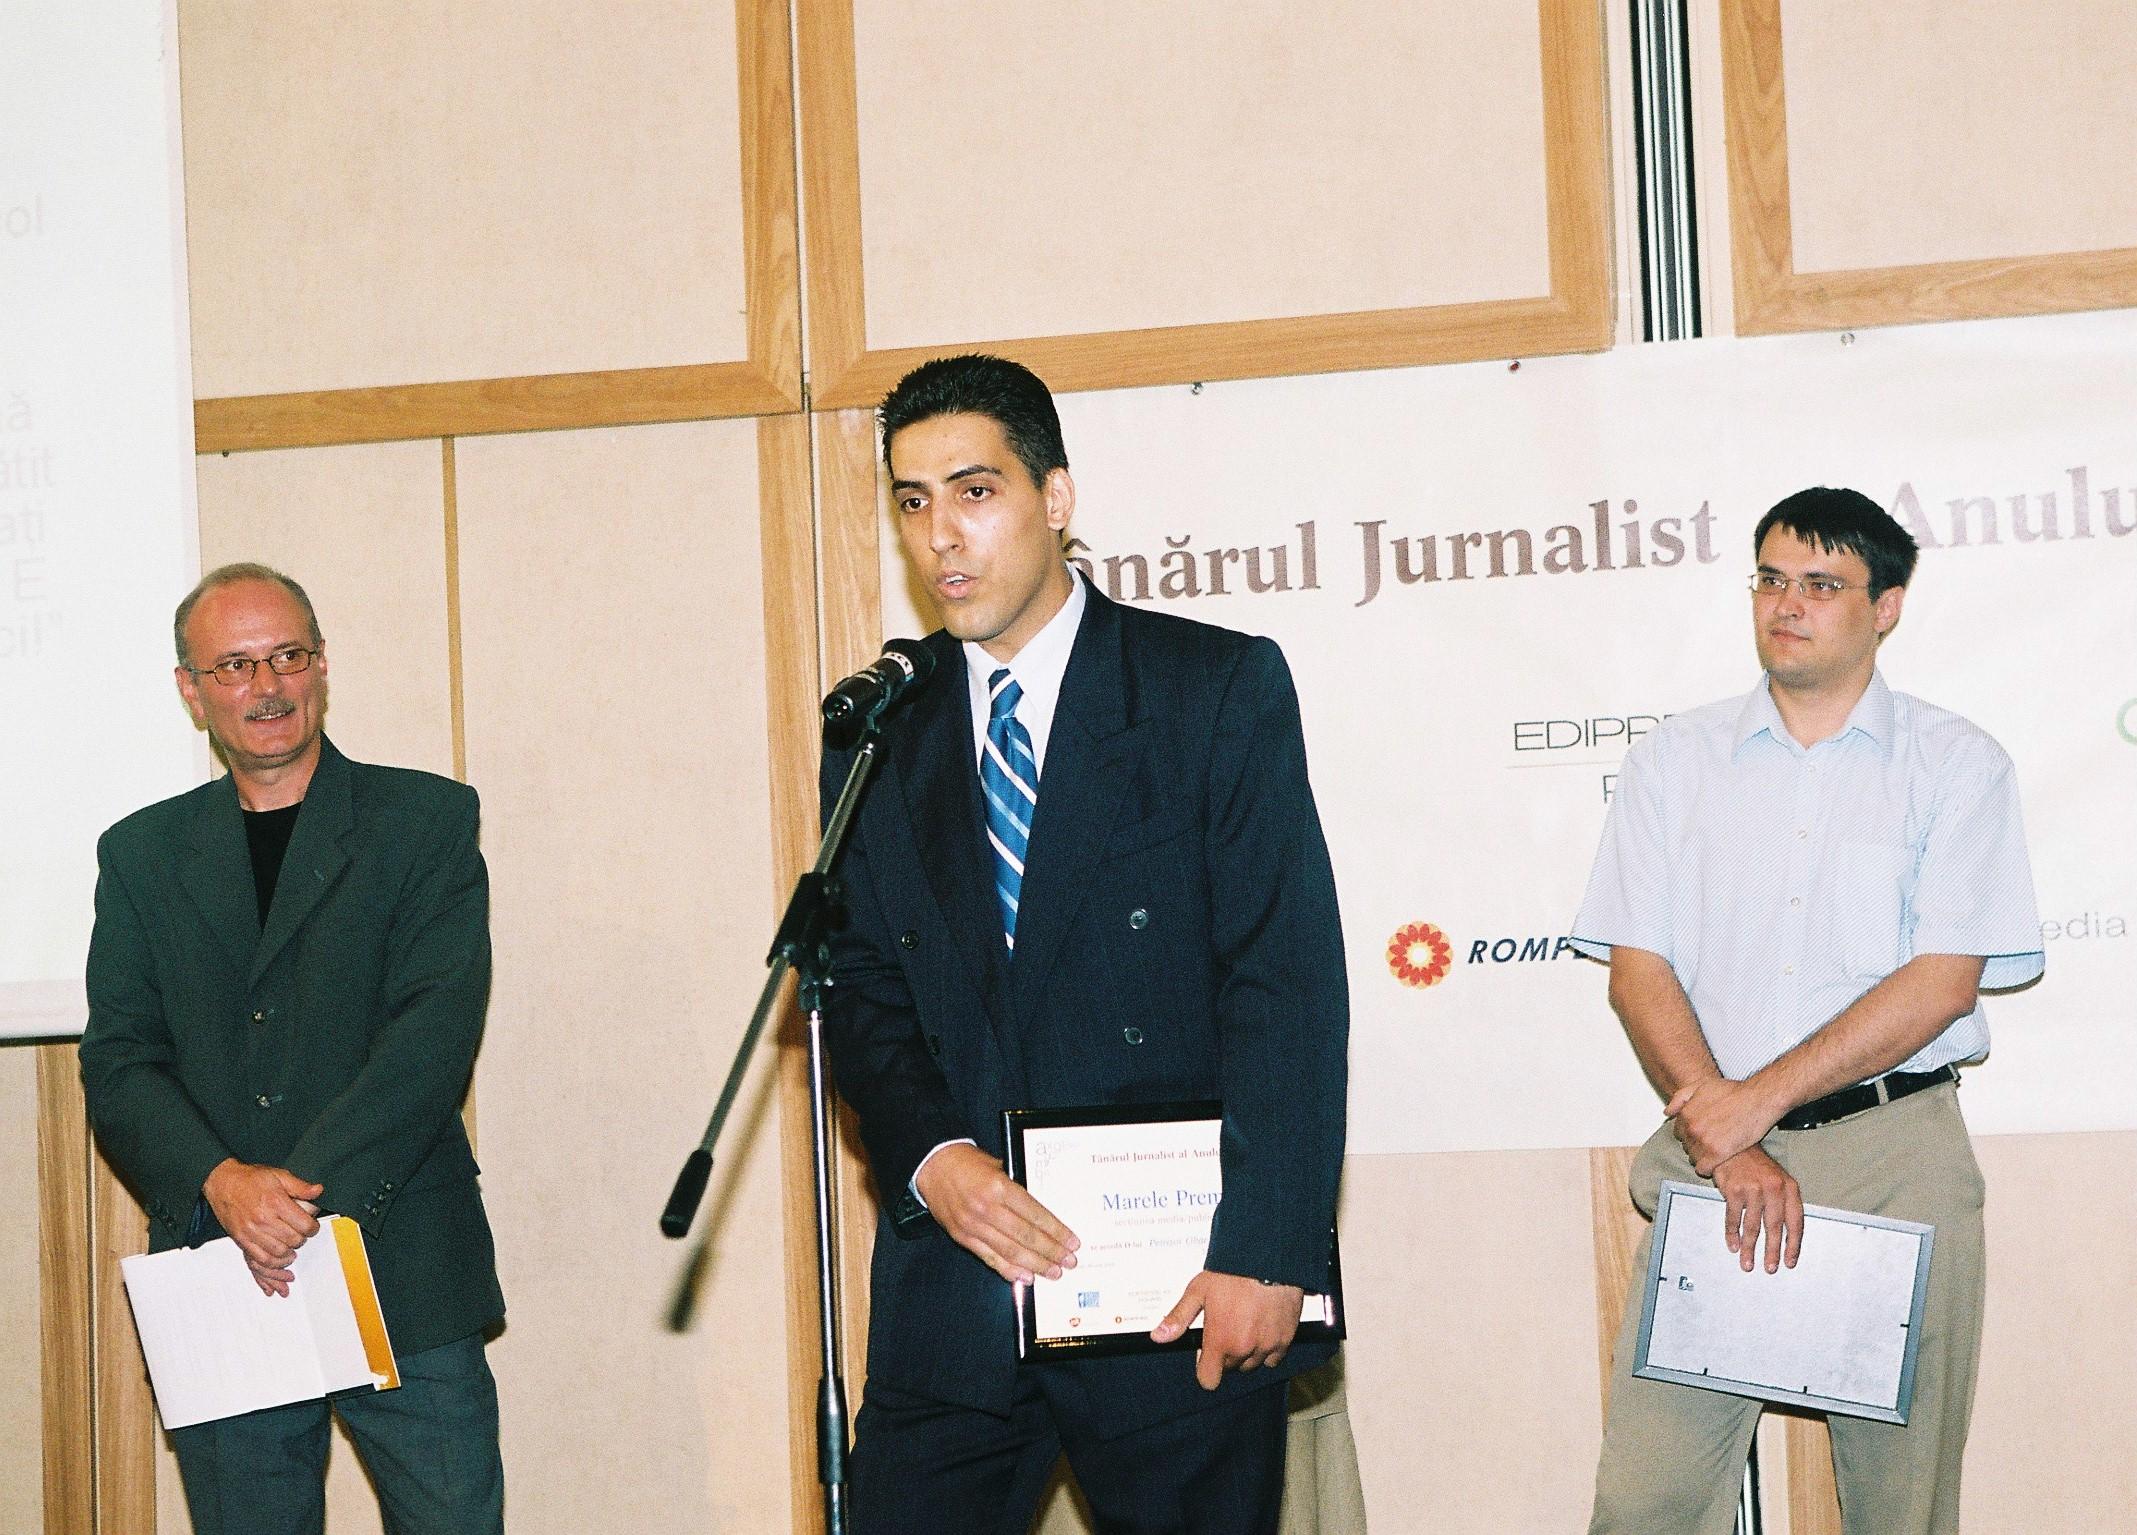 Petrișor Obae, fondatorul Pagina de Media, a fost Tânărul Jurnalist al Anului 2004